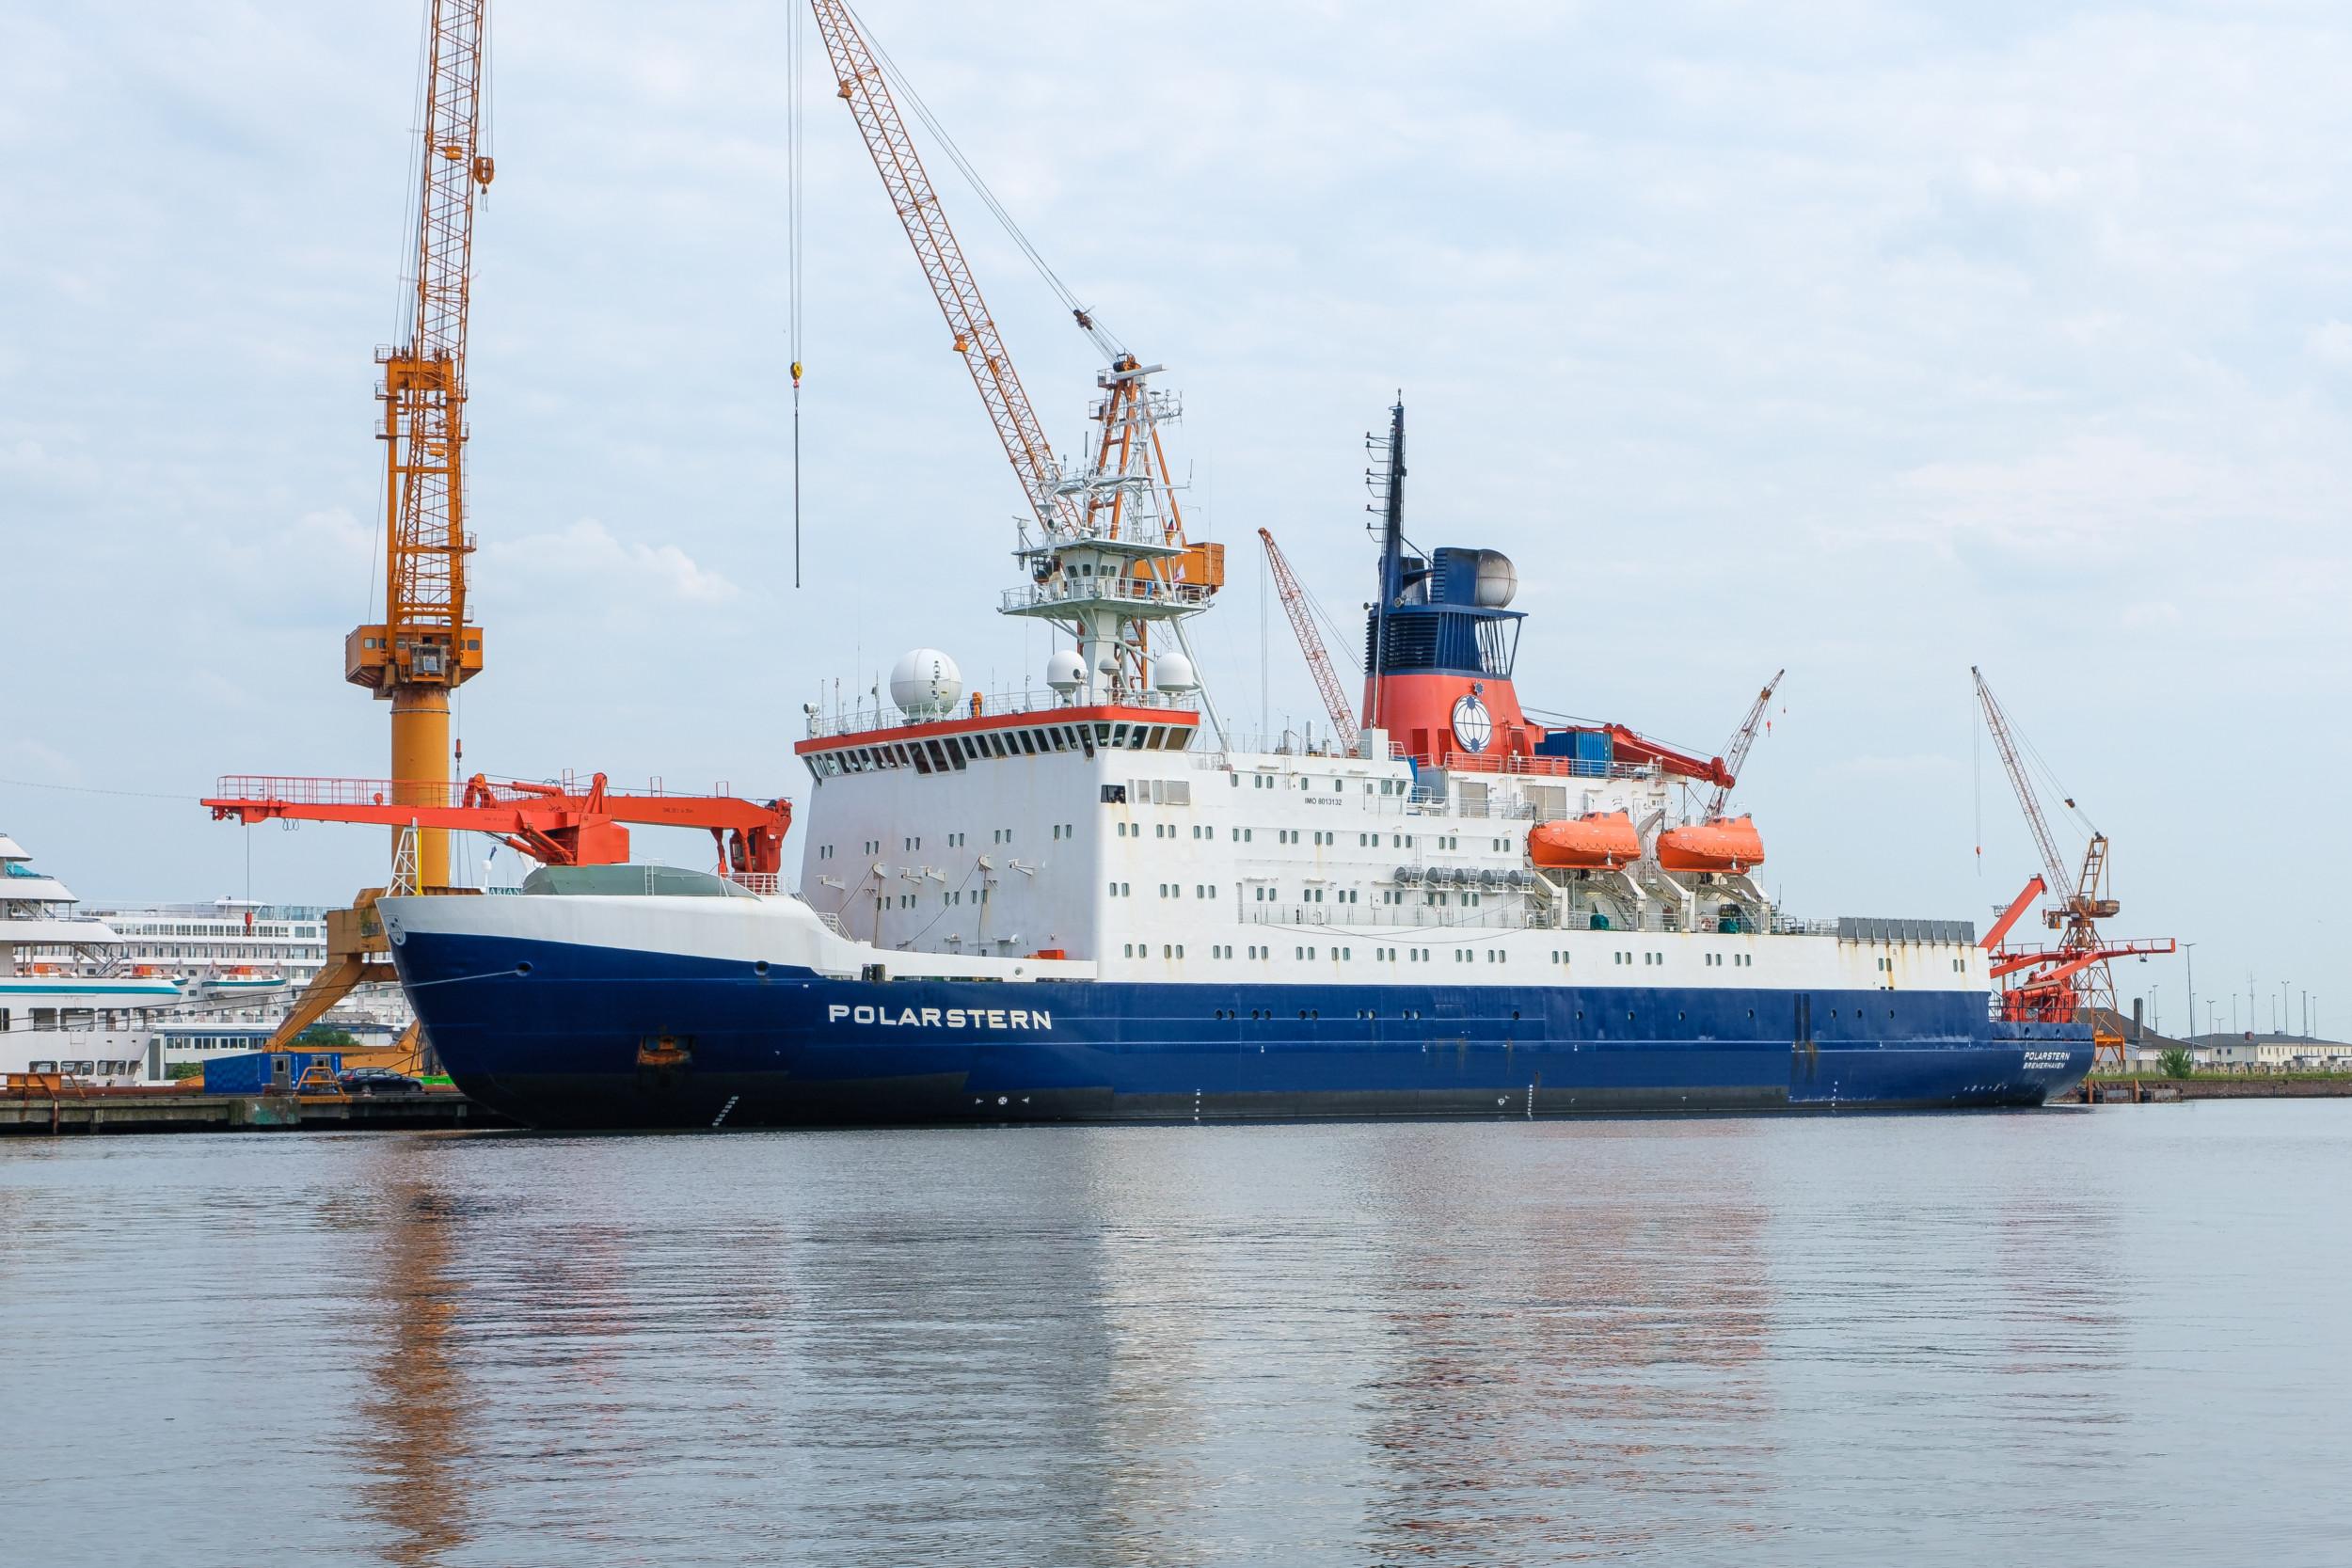 Polarstern in Bremerhaven